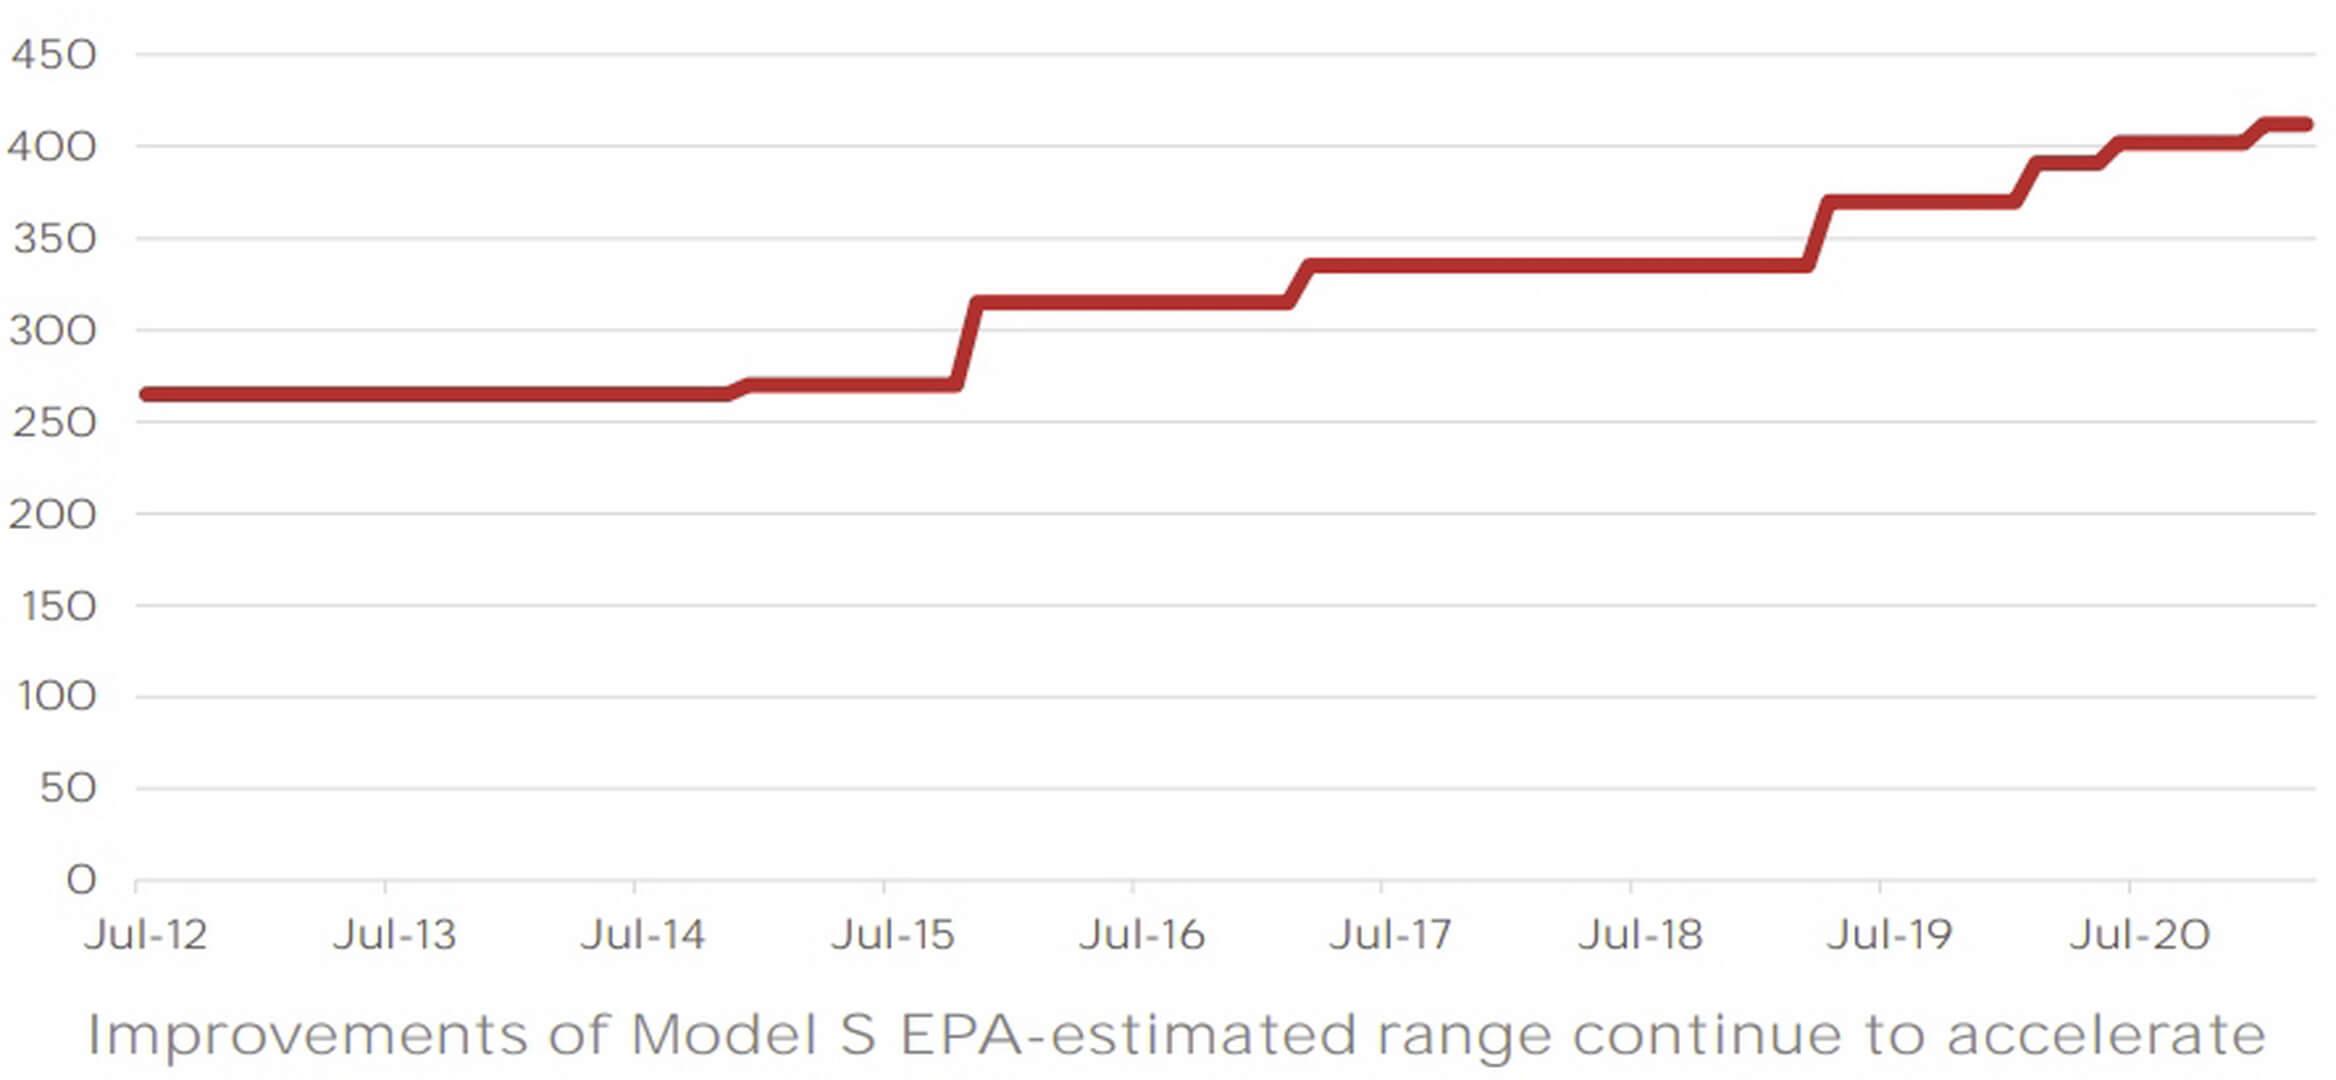 Увеличение запаса хода Tesla Model S c 2012 по 2021 год